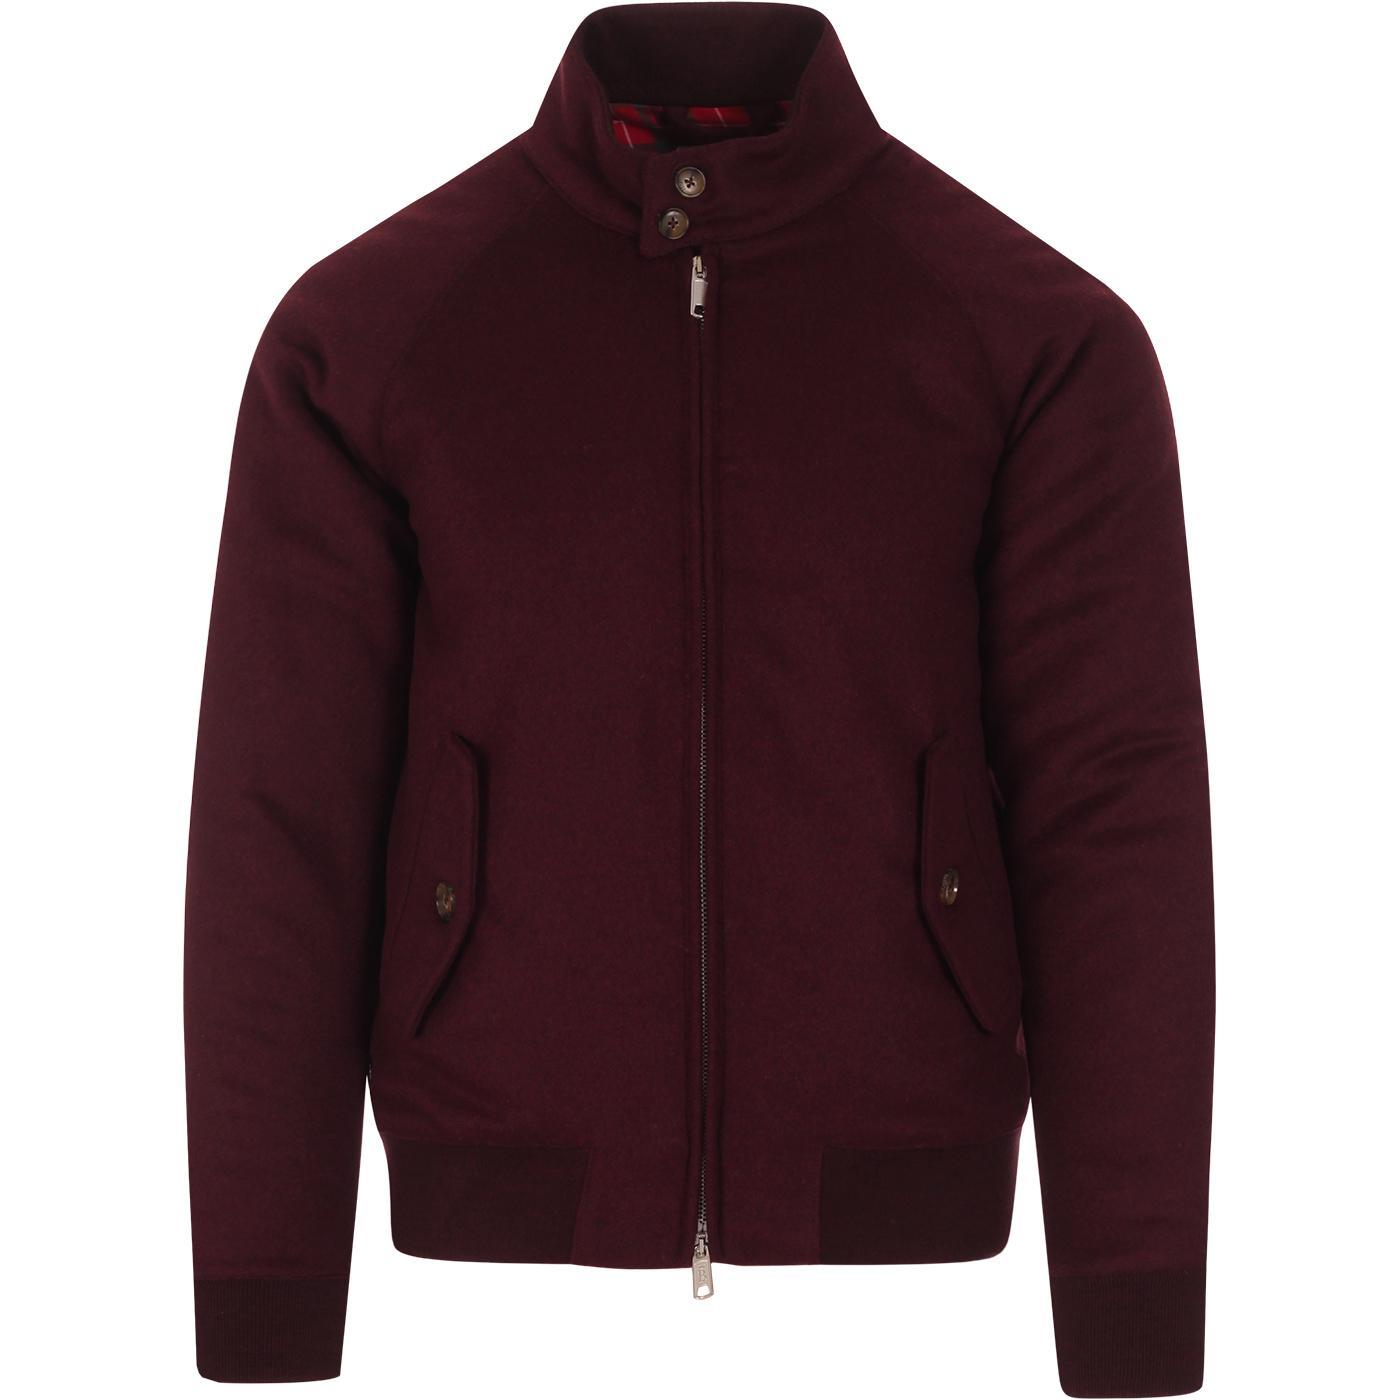 BARACUTA G9 Melton Mod Harrington Jacket (GW)